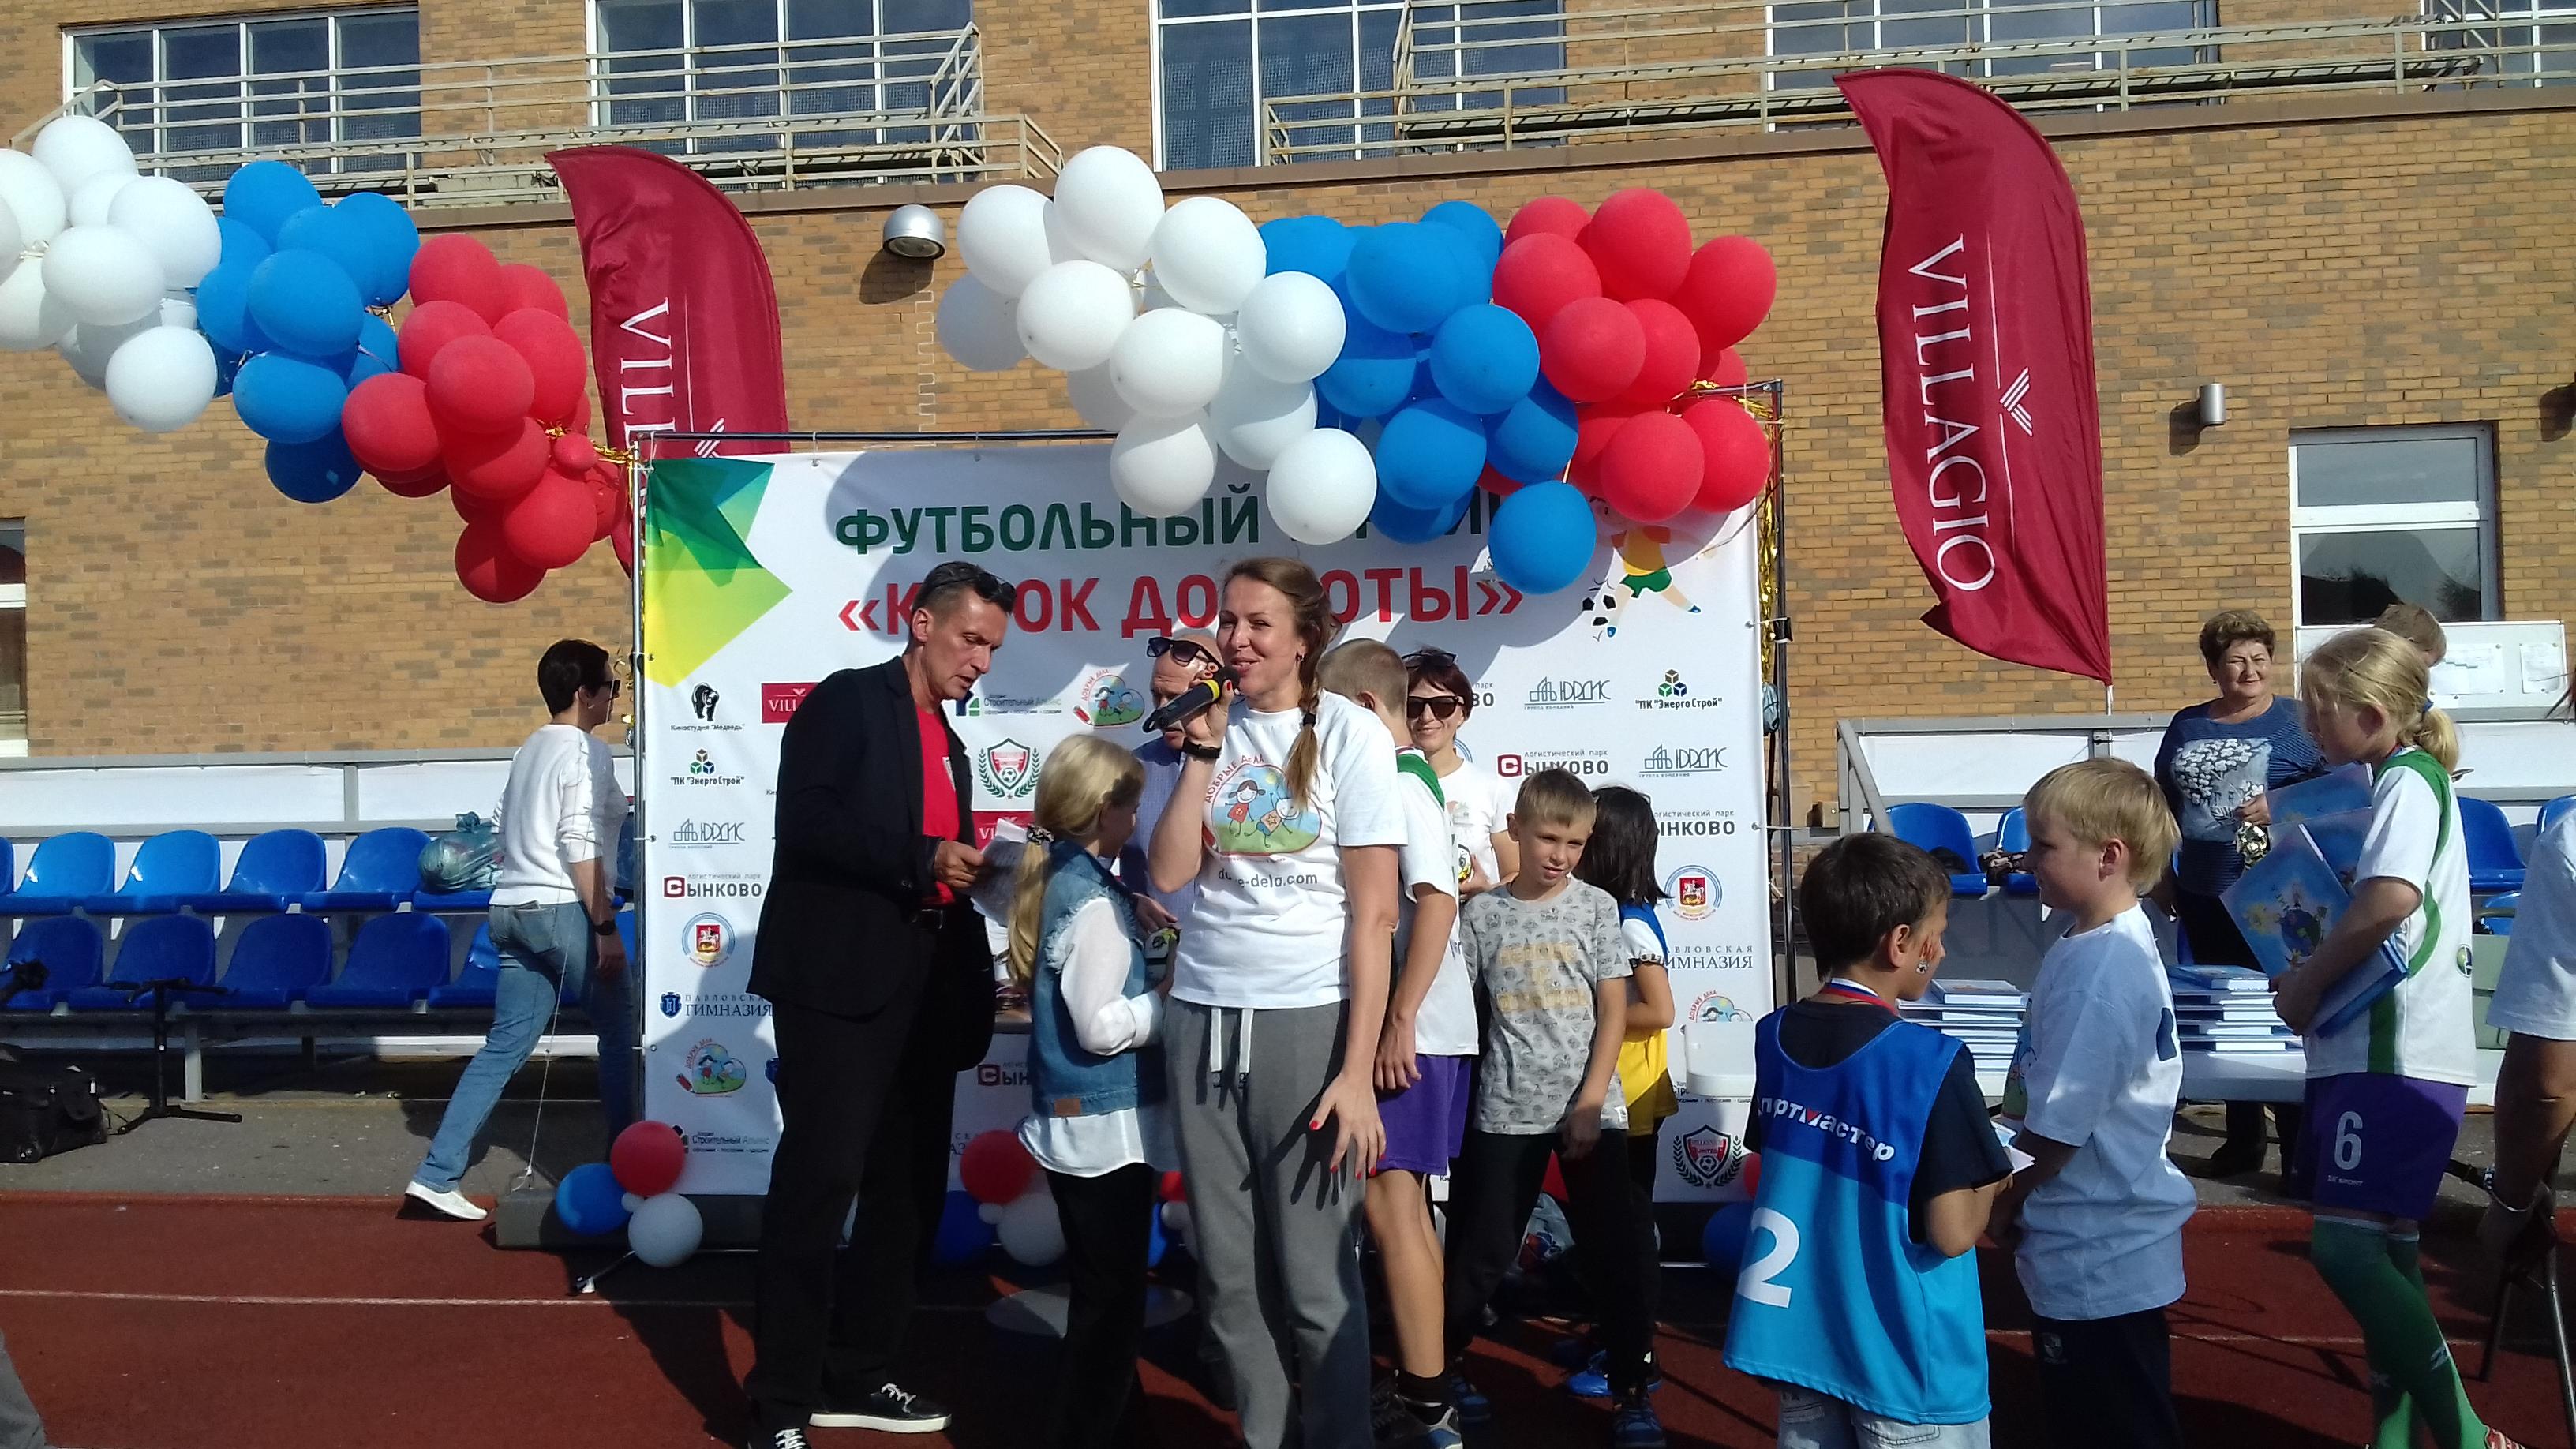 Участников детского благотворительного футбольного турнира «Кубок доброты» наградил полузащитник Сборной России Александр Самедов